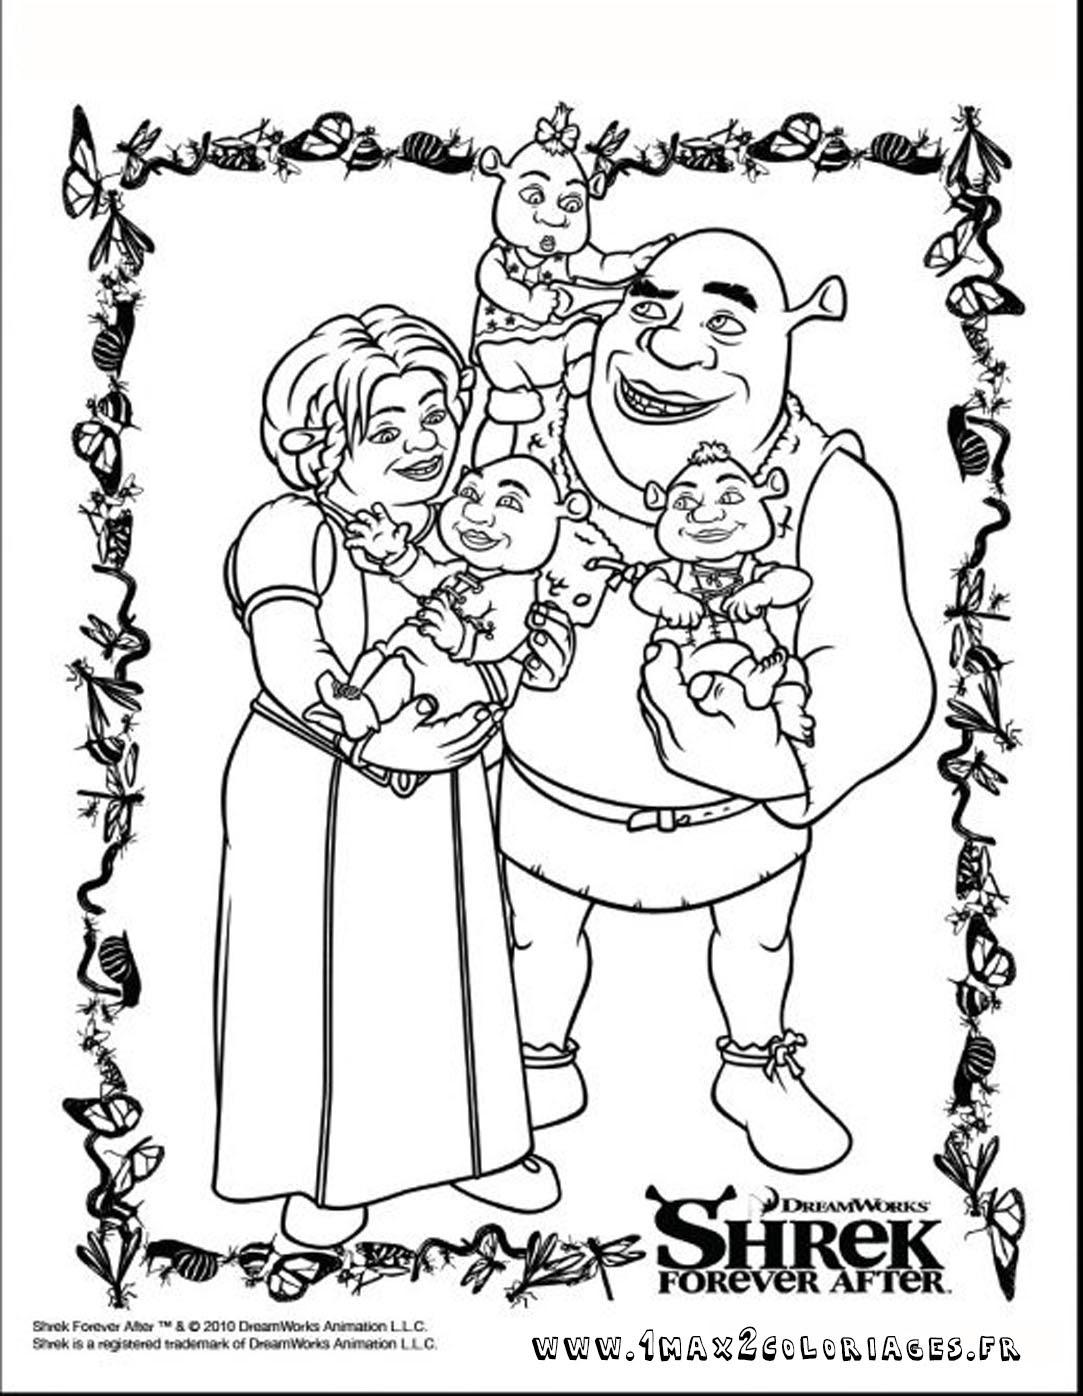 coloriage Shrek 4 et Fiona